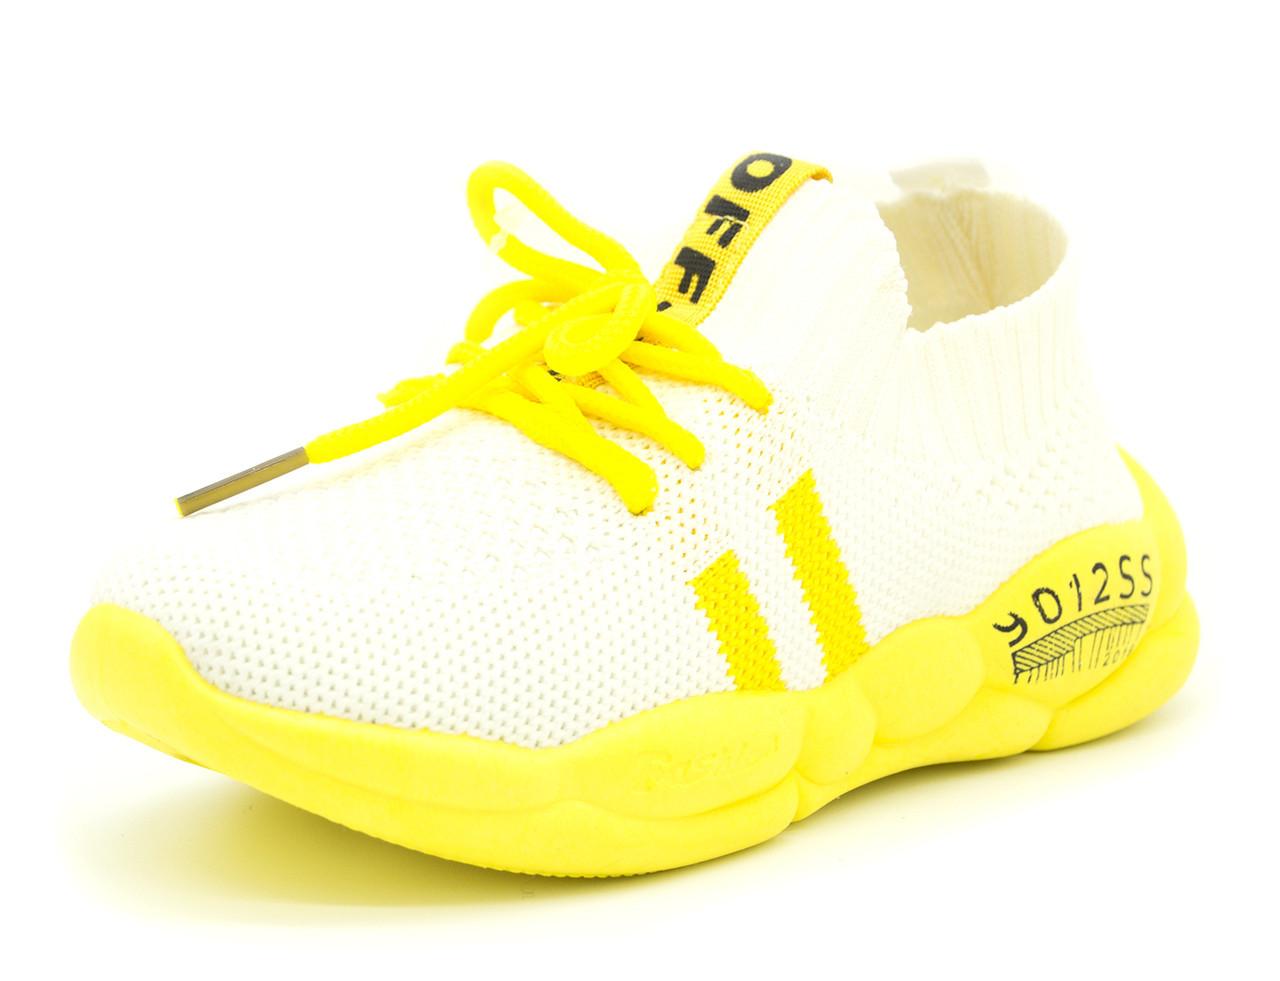 Кросівки дитячі Біло-жовтий Розміри: 28, 30, 31, 32